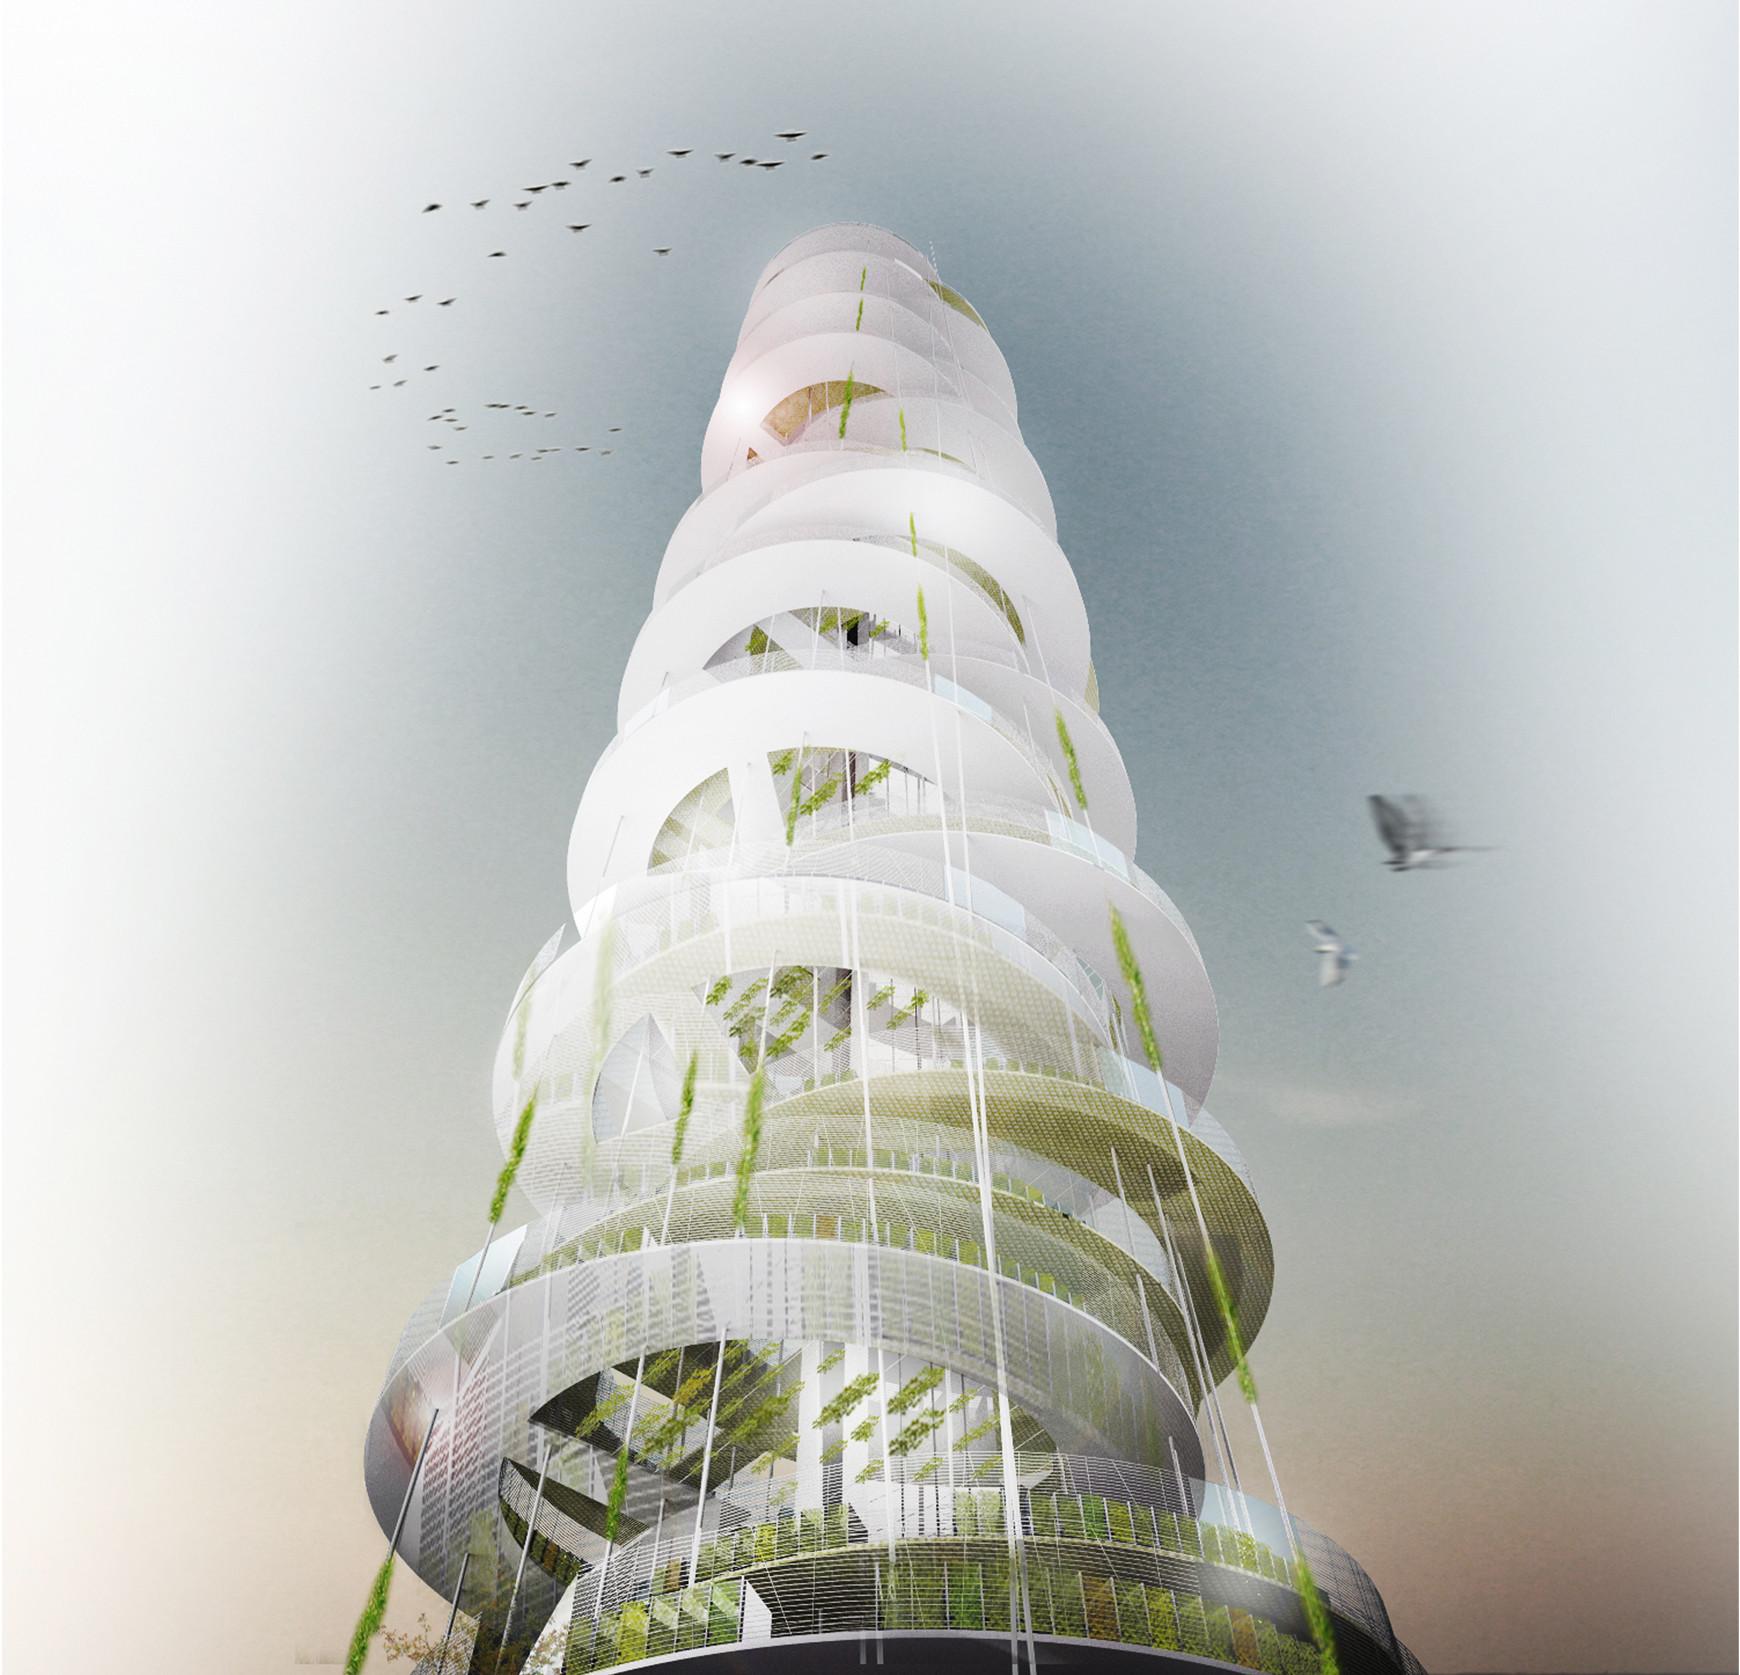 Cortesía de JAPA Architects